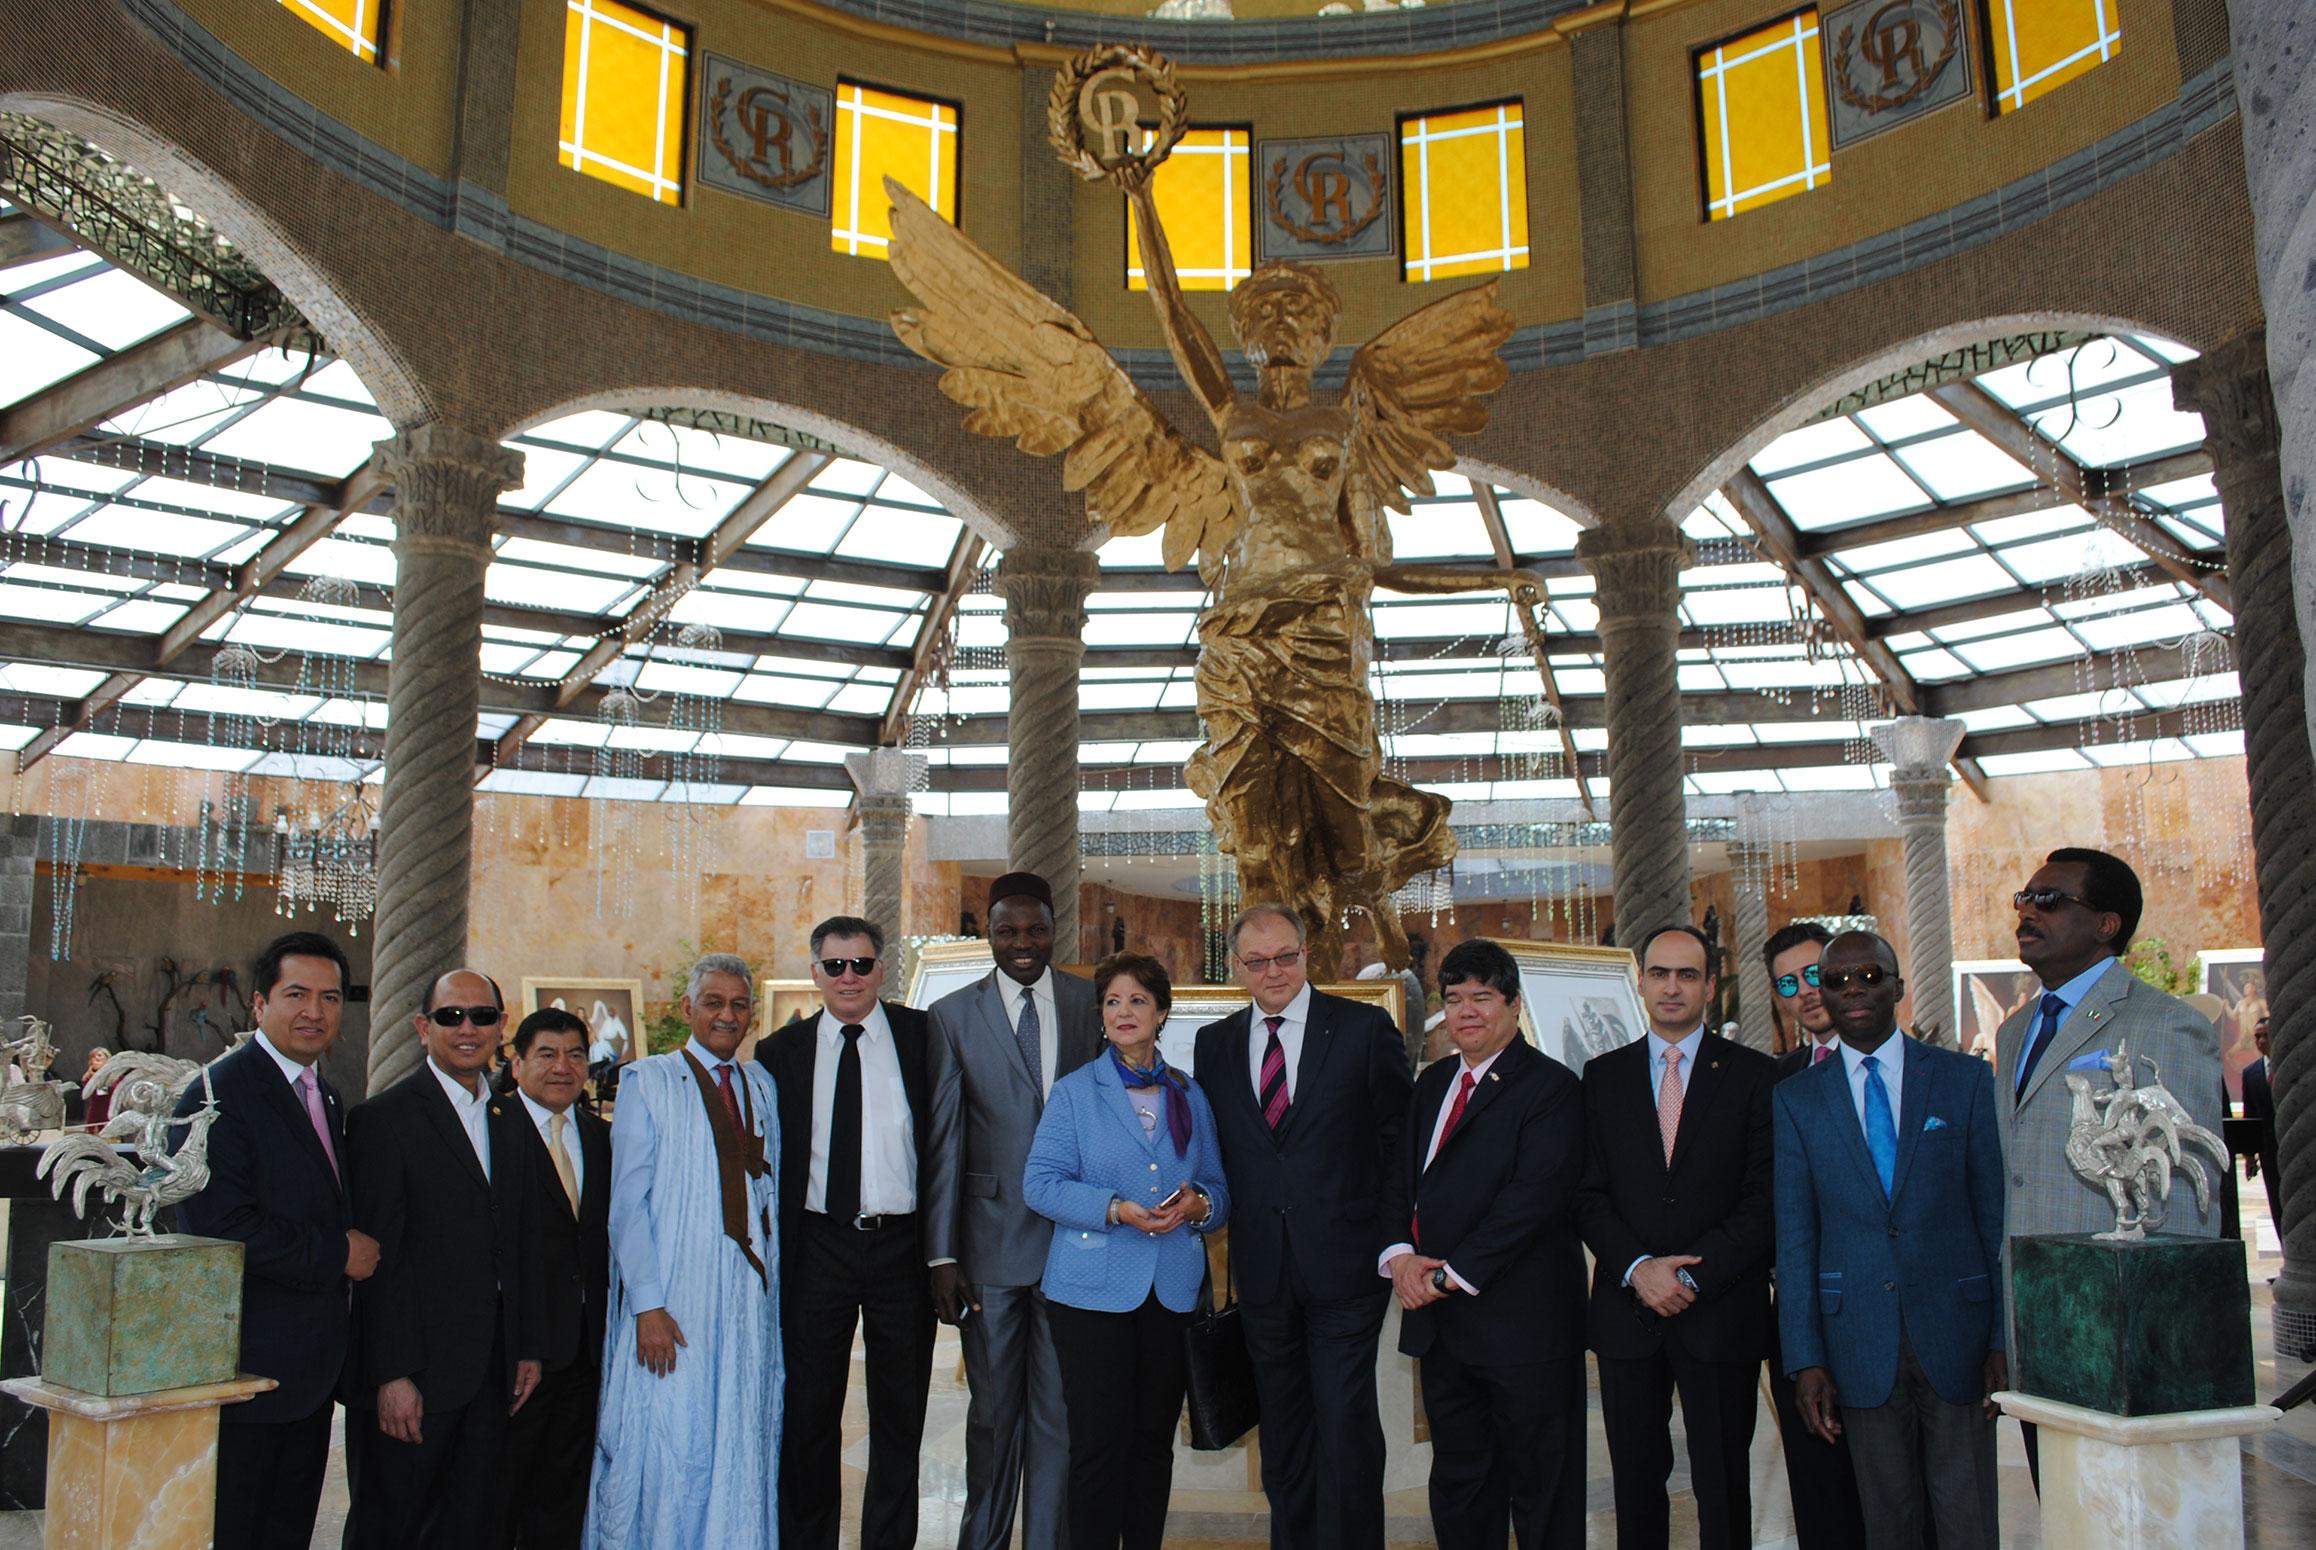 Directivos de Canacintra, diplomáticos y políticos convivieron con Guillermo Rebolledo en el recorrido especial por las instalaciones del Gran Relax Business Center Spa & Resort